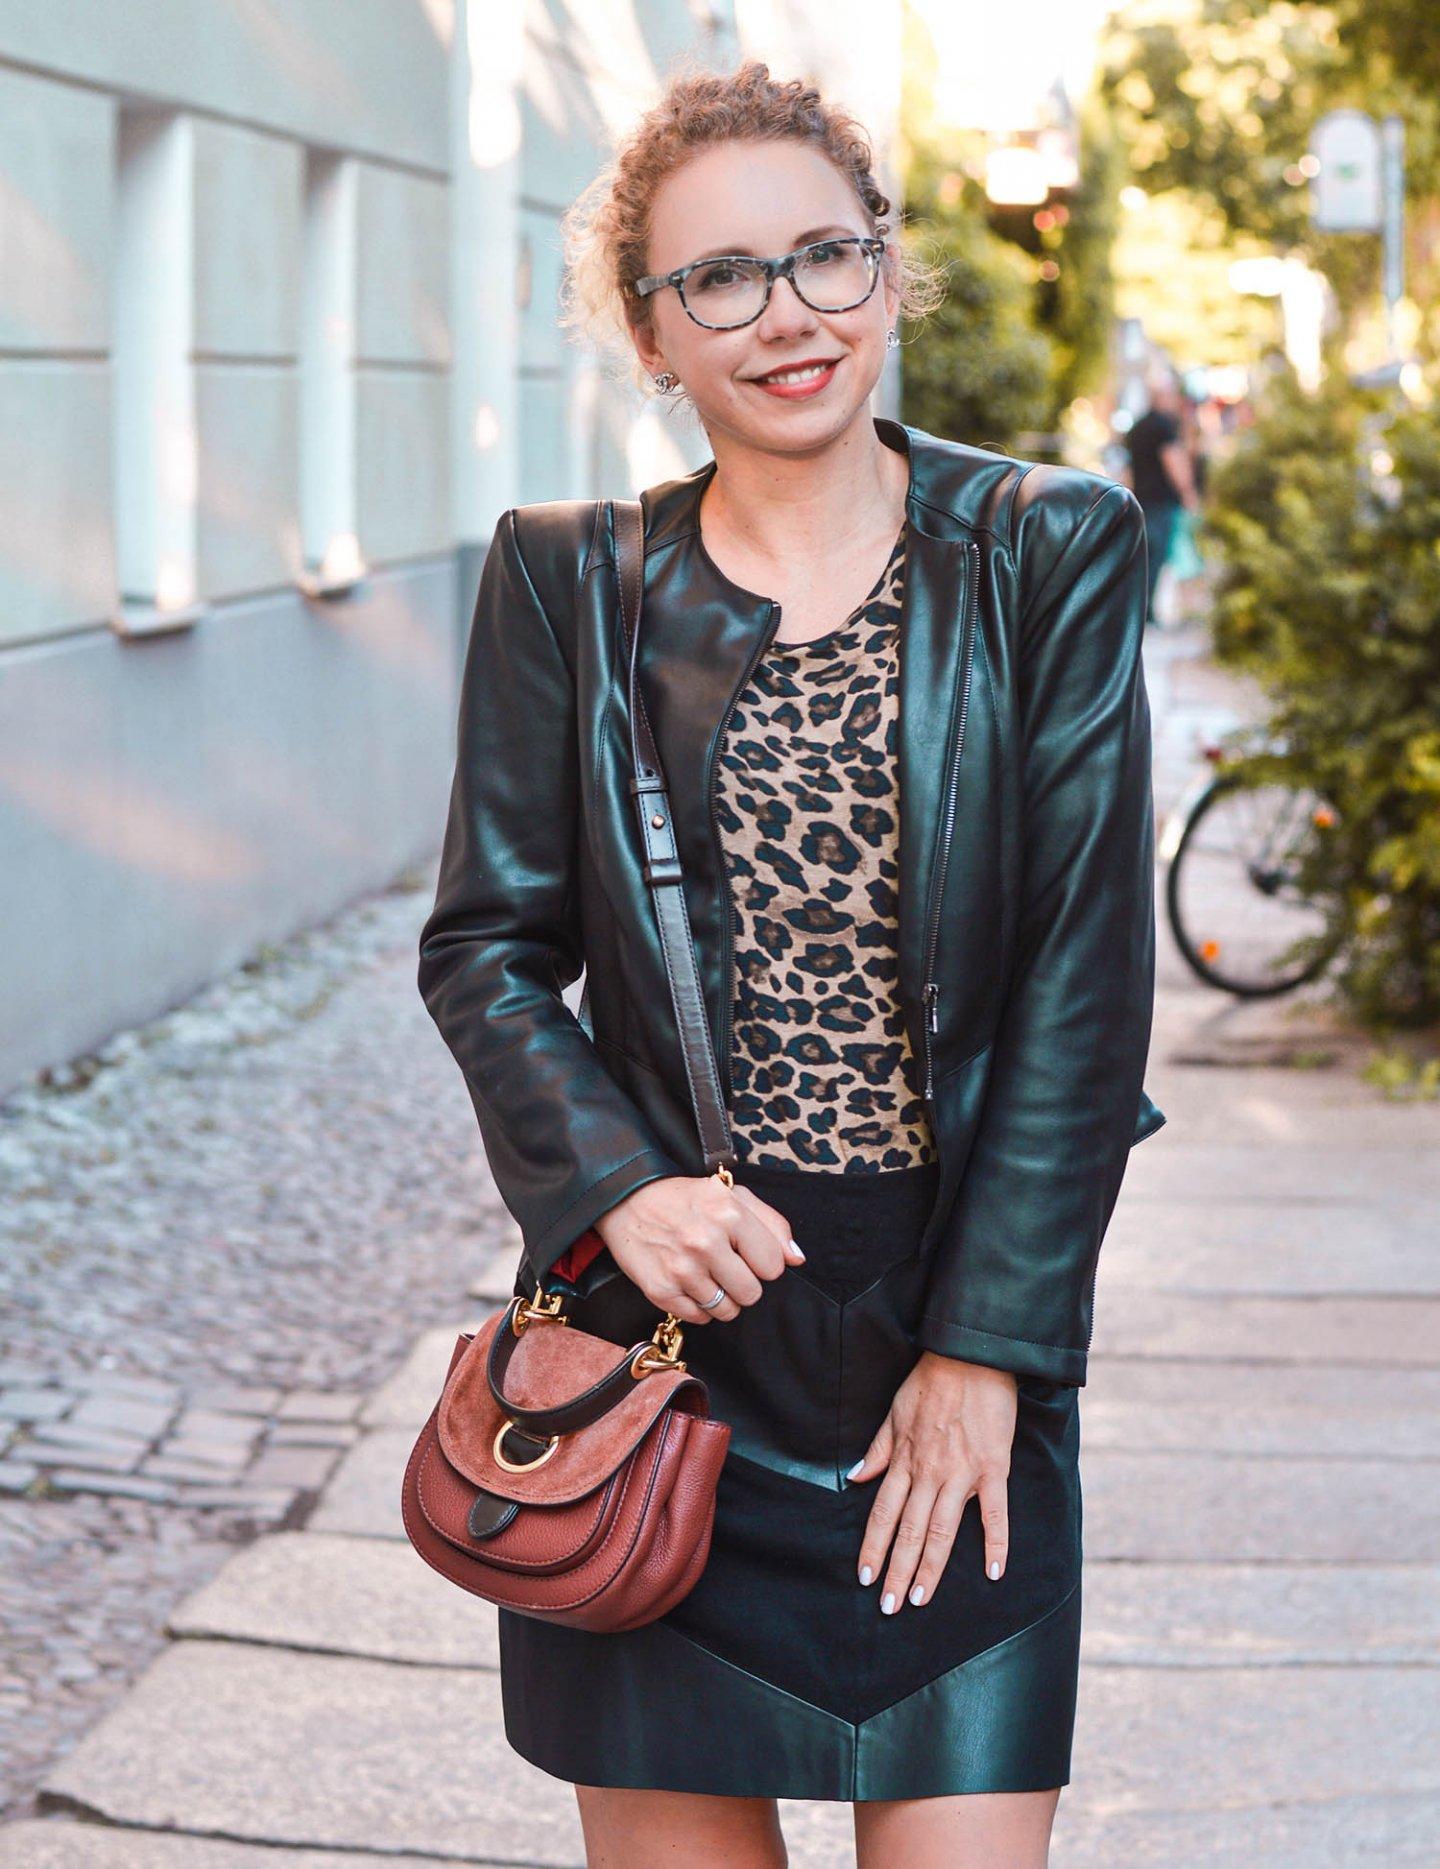 Leo-Print und Leder Outfit - elegant statt anrüchig